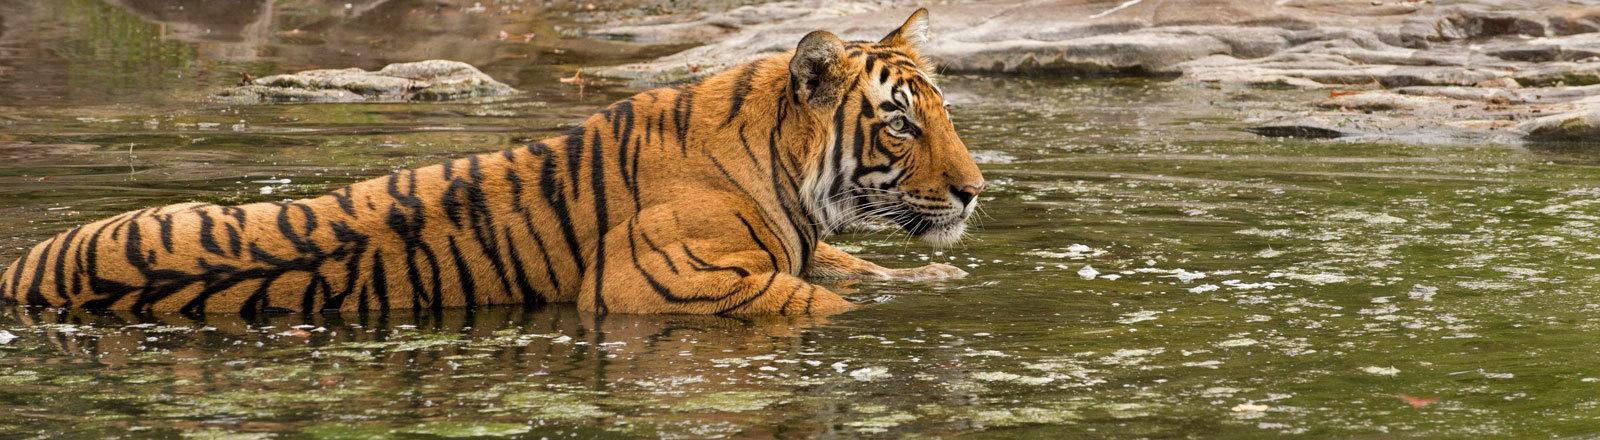 Ein indischer Königstiger, dessen Art vom Aussterben bedroht ist.